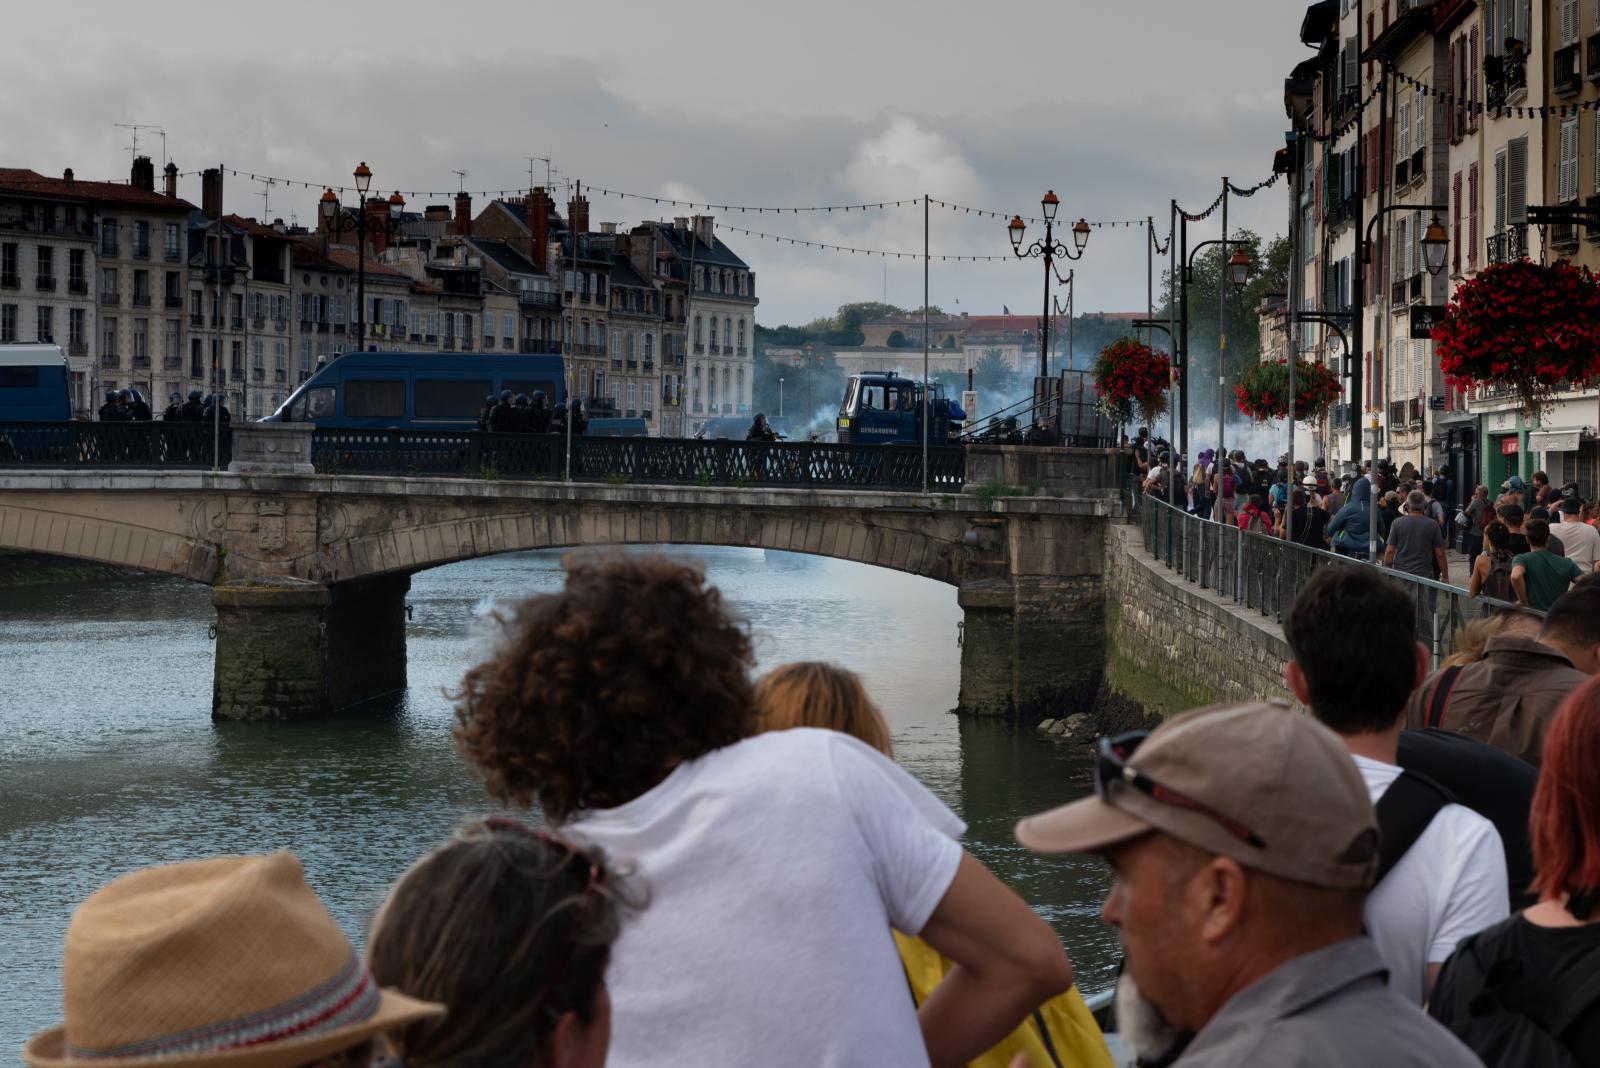 Samedi 24 août 2019 dans l'après-midi. A Bayonne, la police lance des gaz lacrymogènes sur un groupe de personnes rassemblées le long de la rivière non protégée. La mort par noyade de Steve Maia Caniço à Nantes suite à une charge policière n'aura pas servi de leçon ! [G7 2019 de Biarritz]